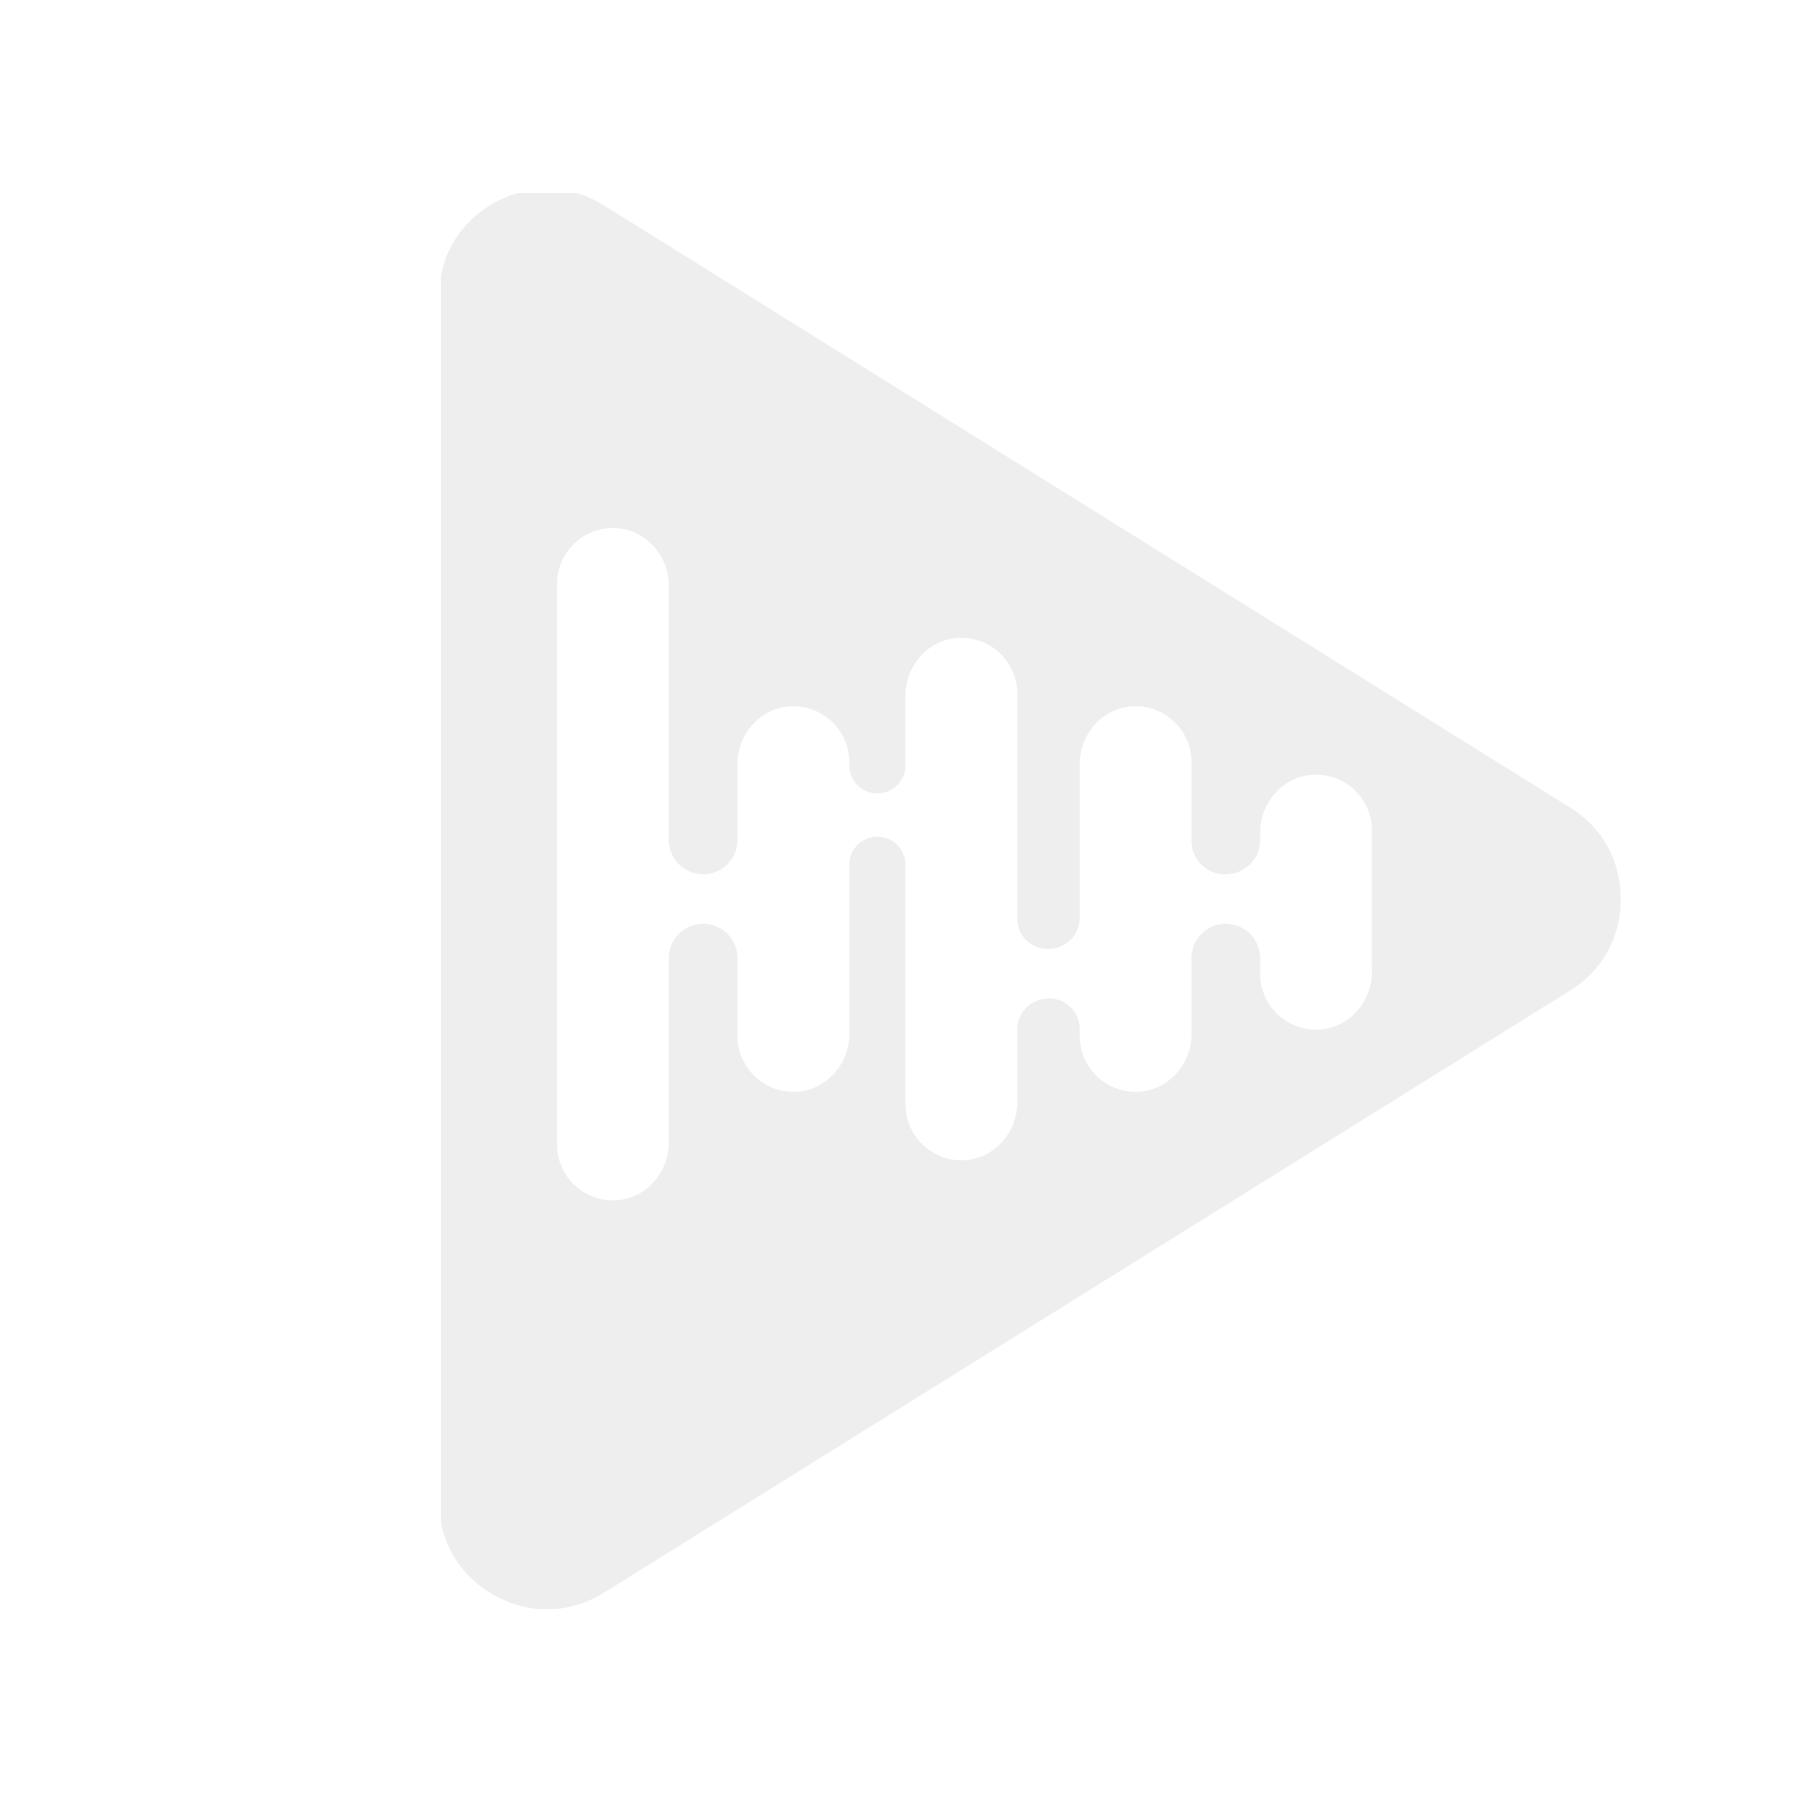 Hertz Mille Pro MP 300 D2.3